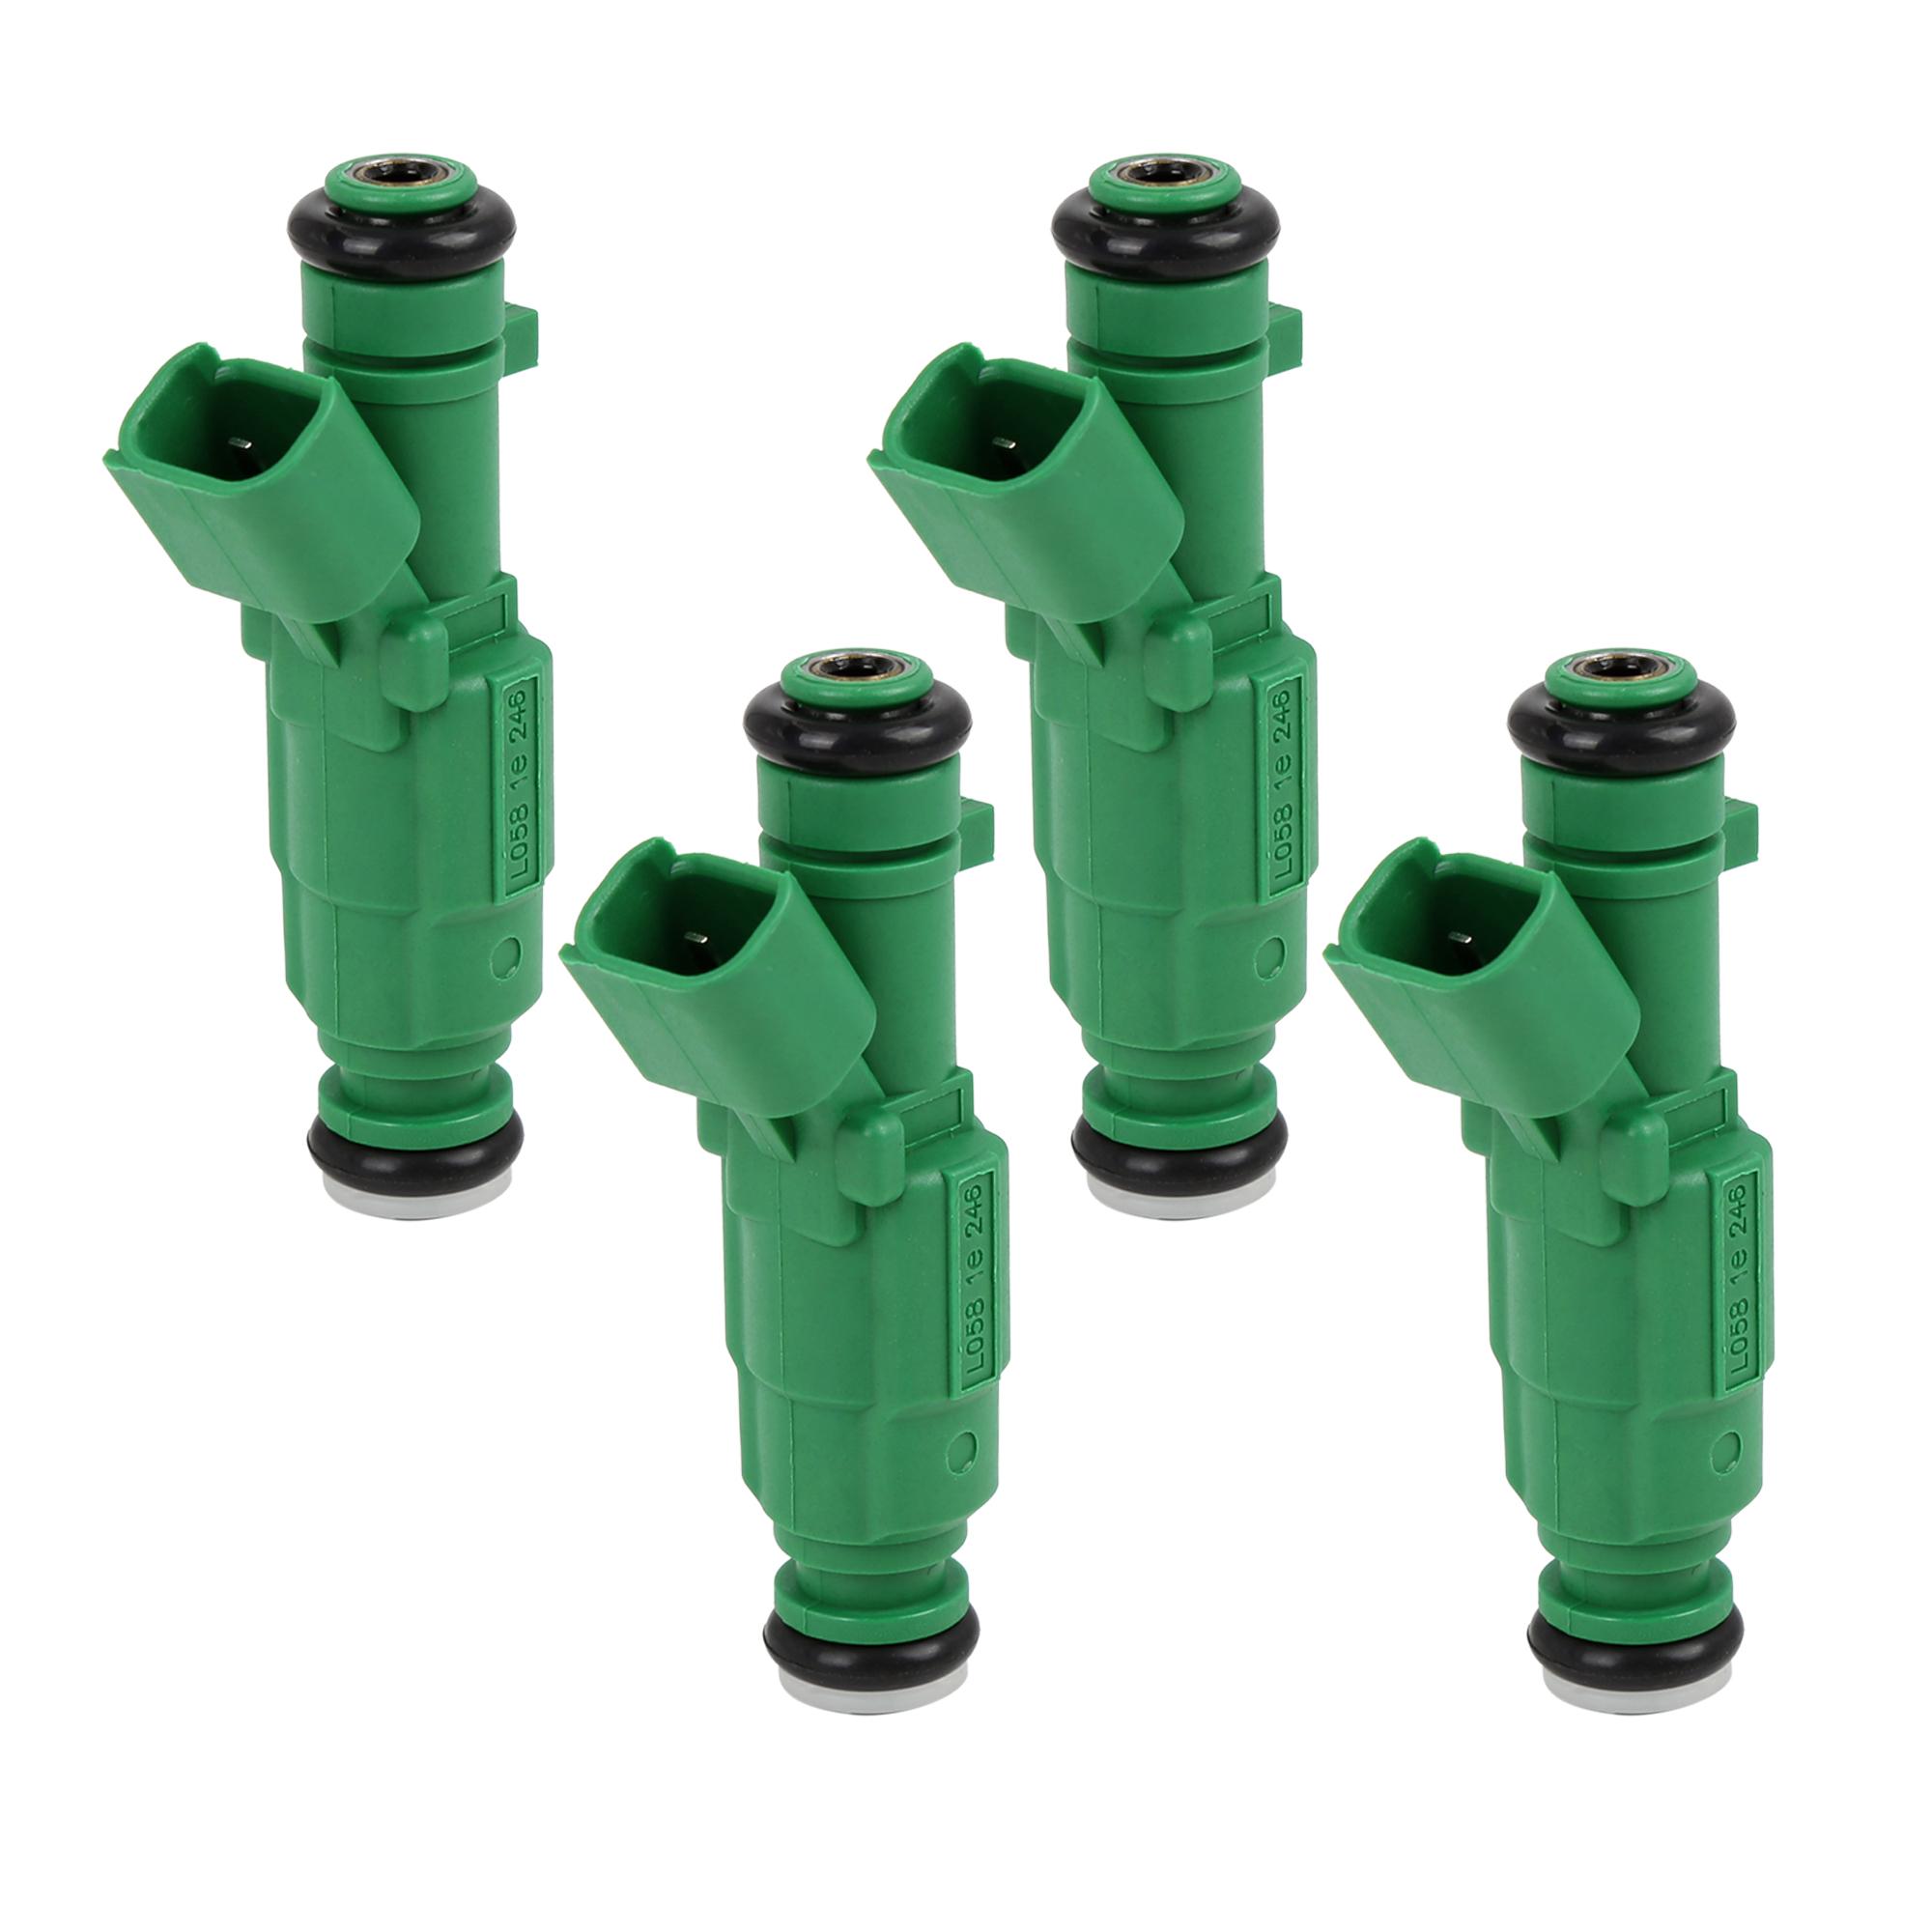 4pcs Brand New Fuel Injector Nozzle for Hyundai Elantra 1.8L L4 35310-2E100